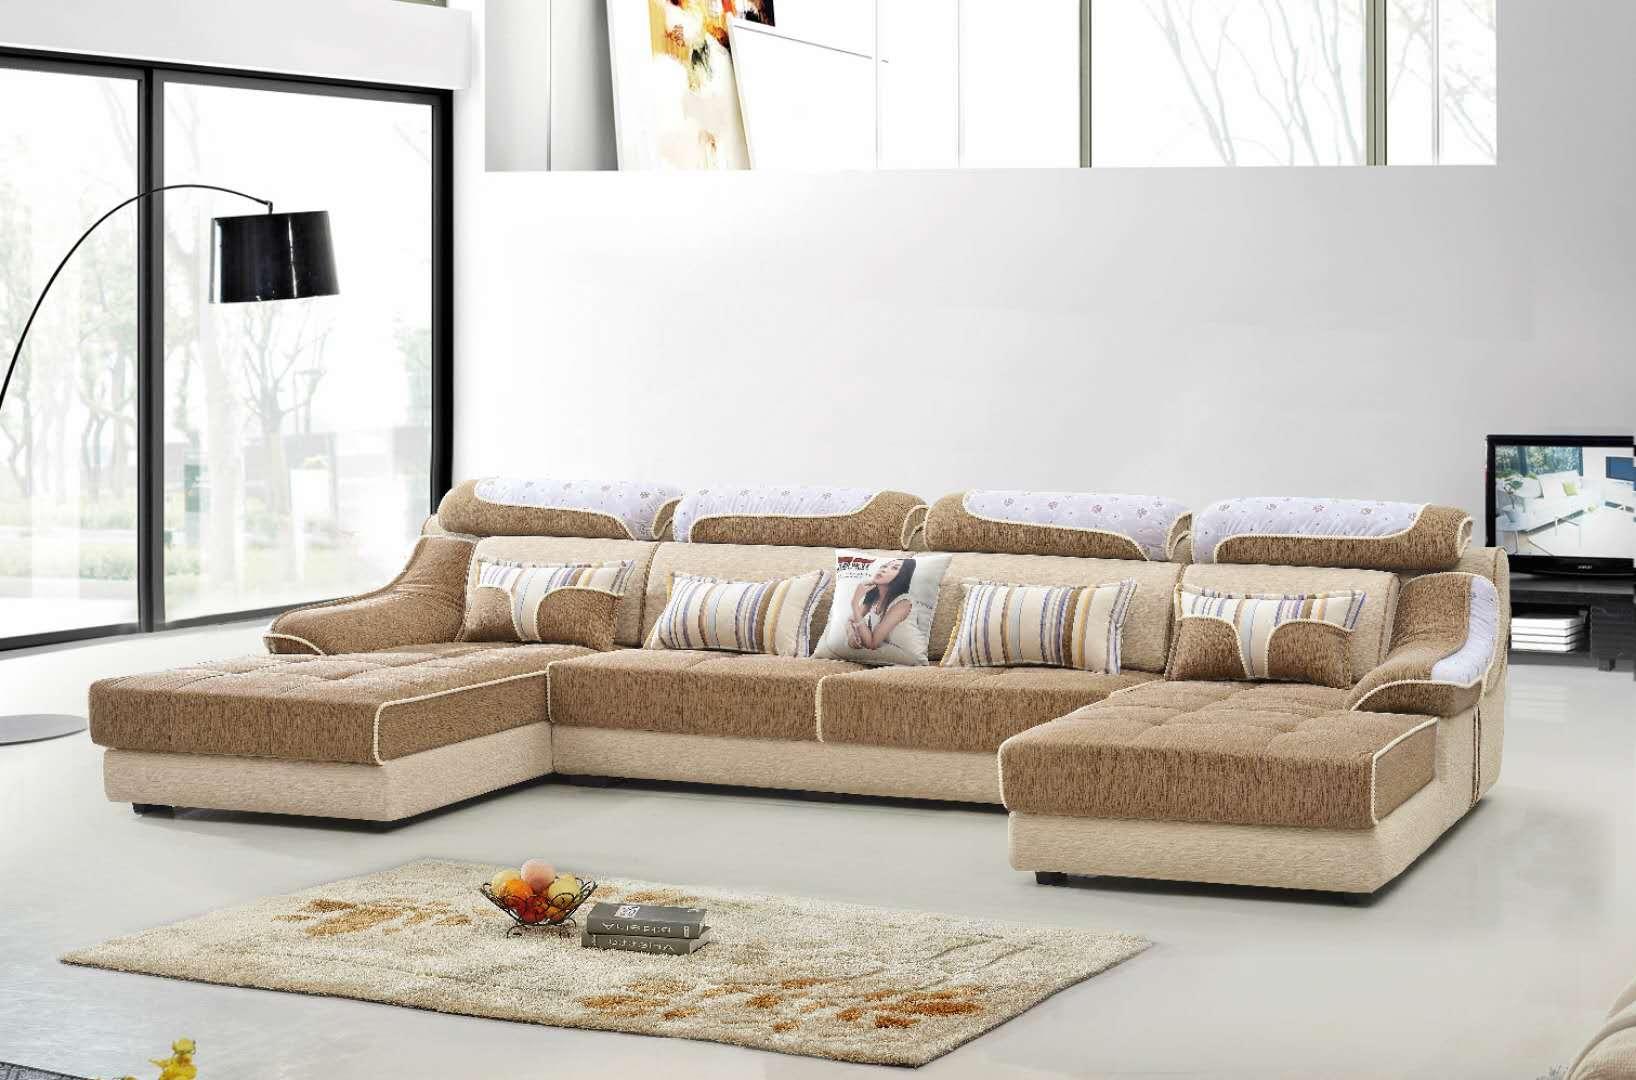 全国直销  深圳龙岗沙发供应 客厅现代风格简约沙发